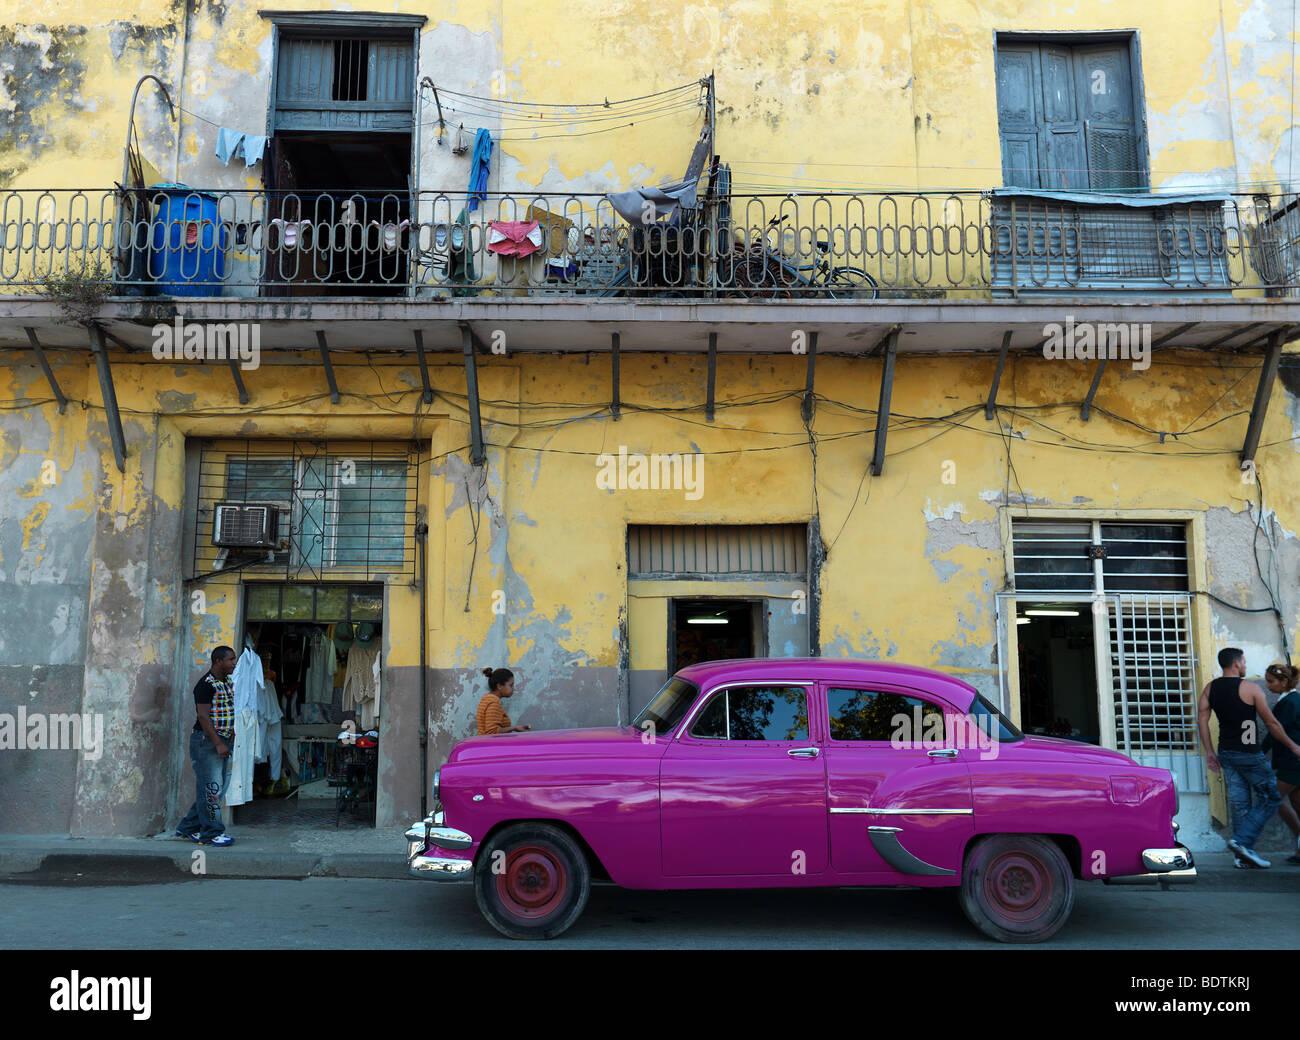 Eine historische Autos in den Straßen von Havanna, Kuba, mit seinen alten Häusern, gesehen am 21. Februar Stockbild